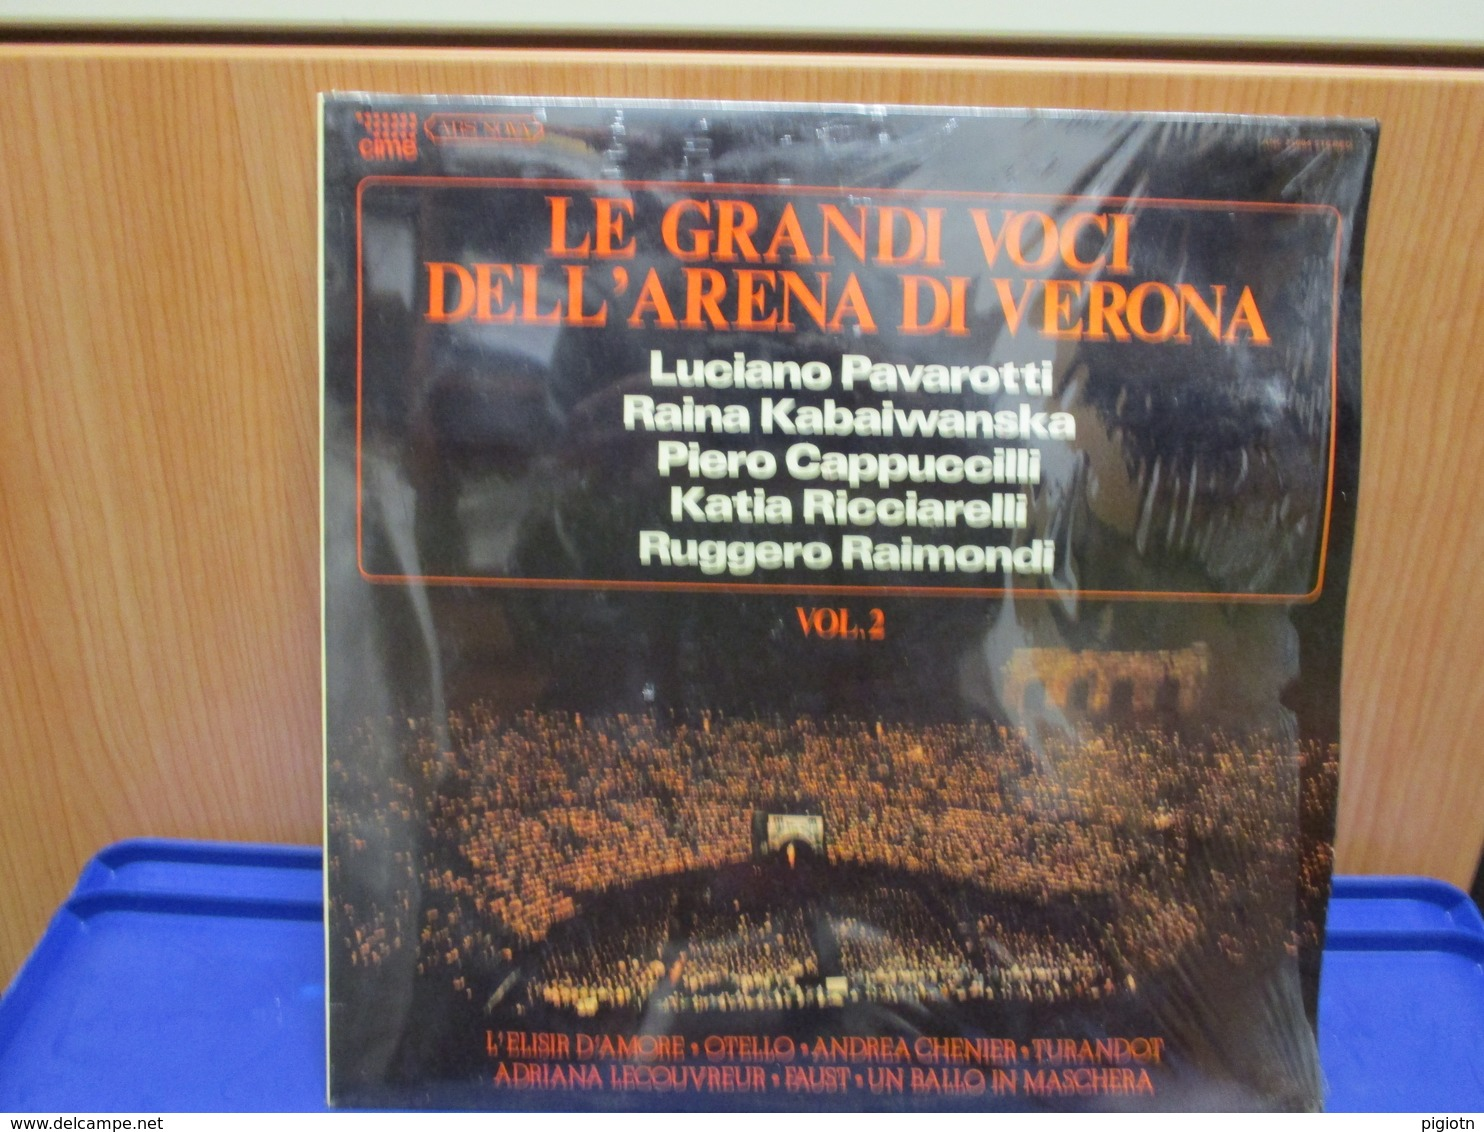 LP012 - LE GRANDI VOCI DELL'ARENA DI VERONA -VOL. 2- LUCIANO PAVAROTTI-RAINA KABAIWANSKA- KATIA RICCIARELLI- - Oper & Operette